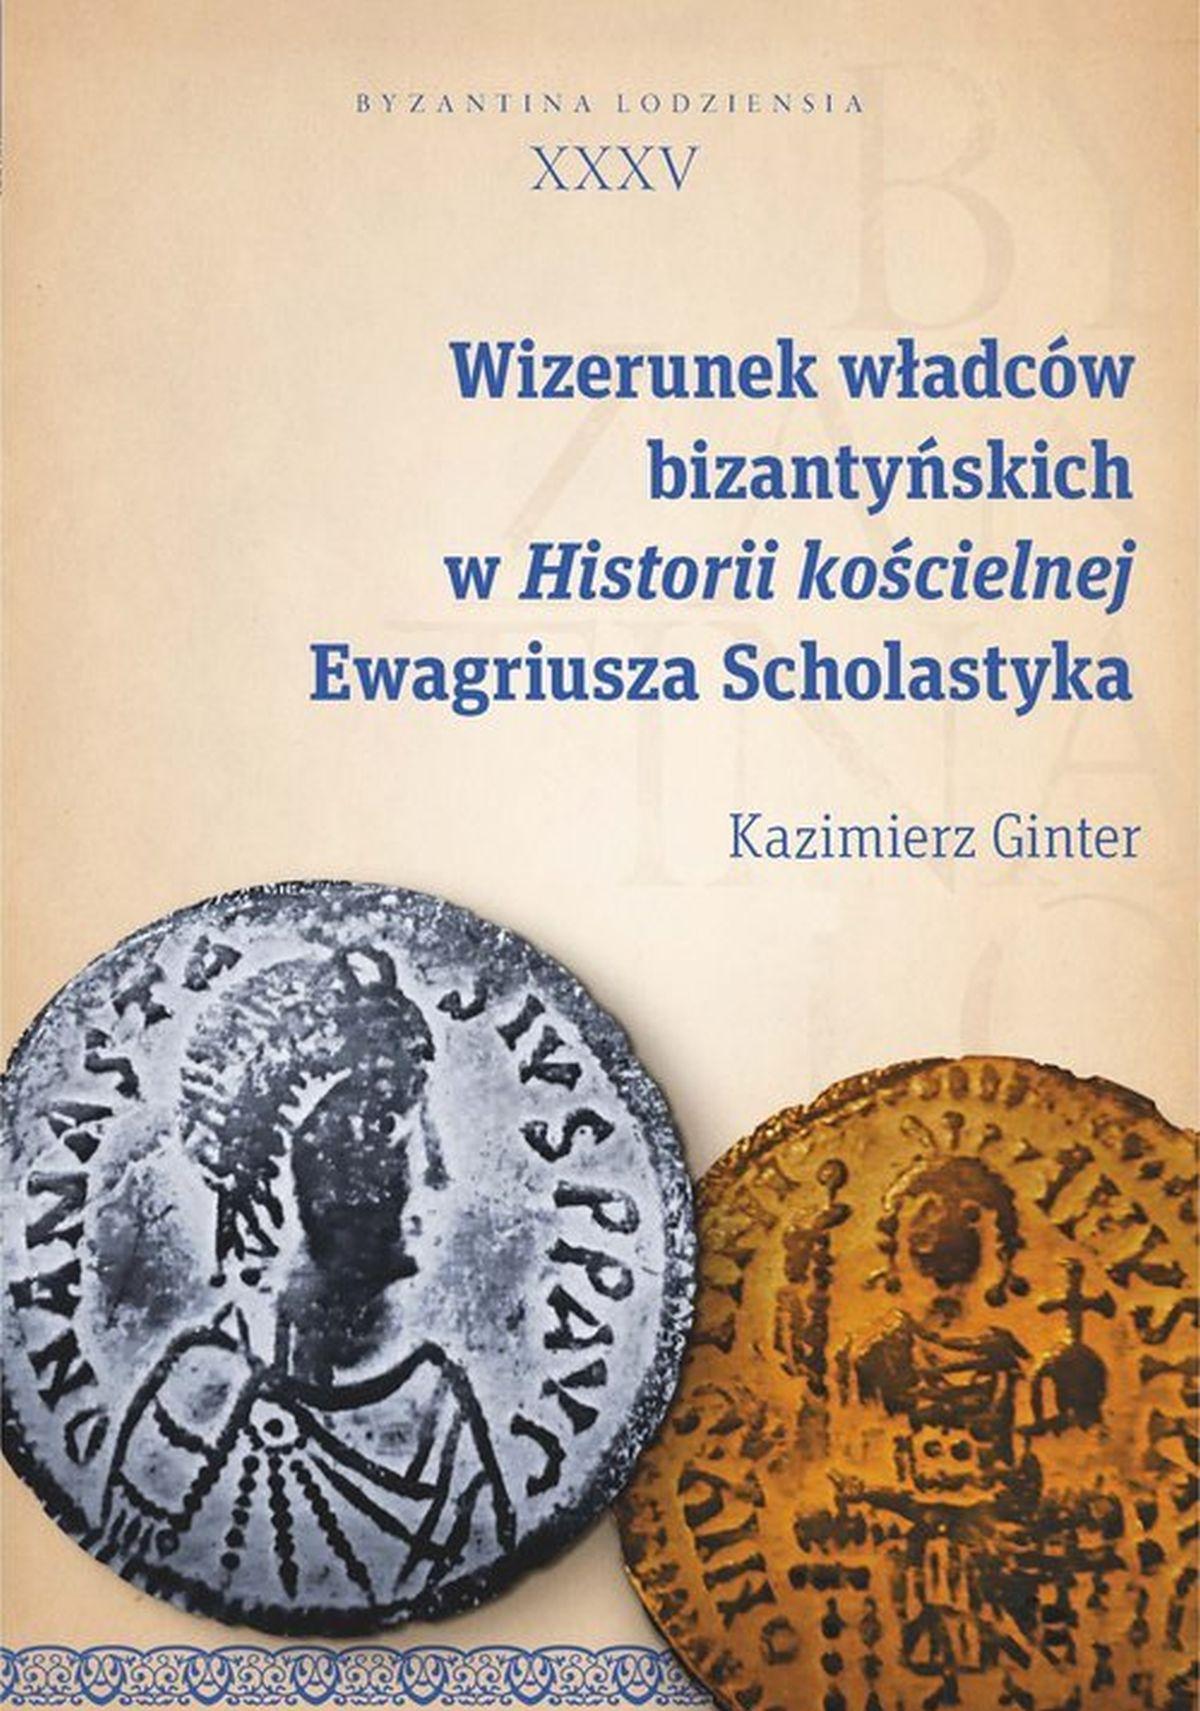 Wizerunek władców bizantyńskich w Historii kościelnej Ewagriusza Scholastyka. Byzantina Lodziensia XXXV